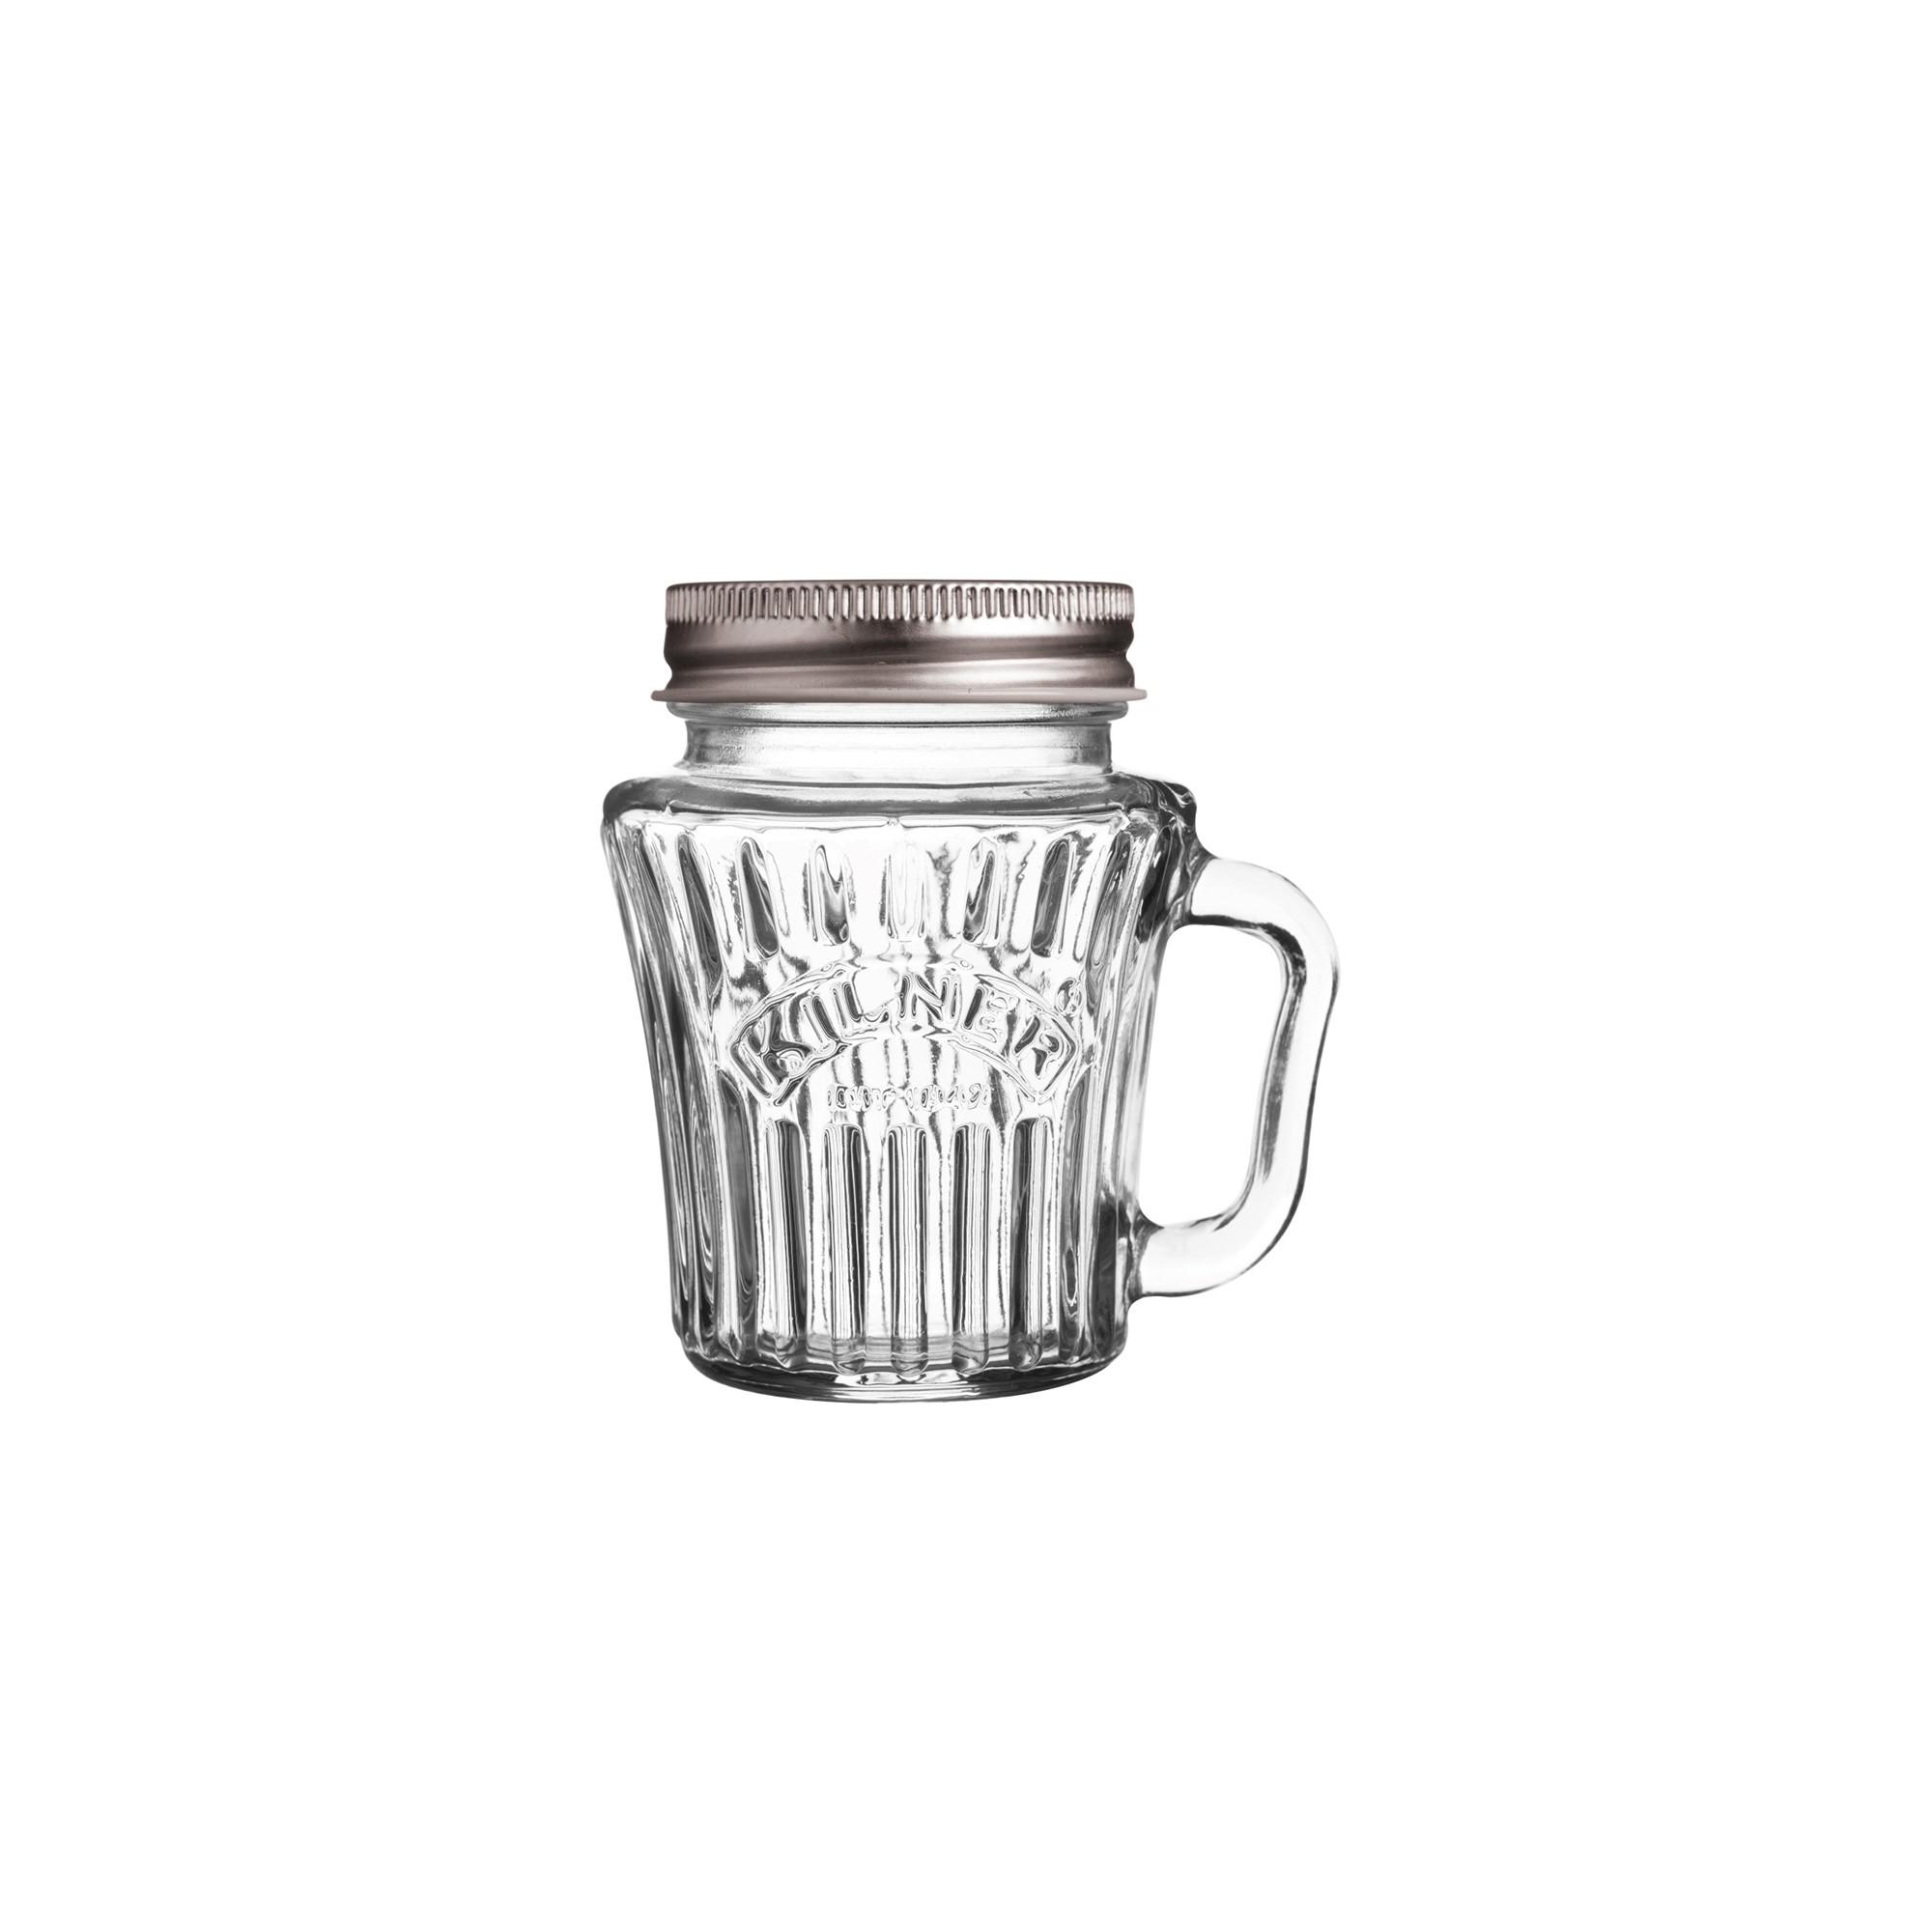 Skleněný fazetový džbánek s rukojetí 0,1l - Kilner